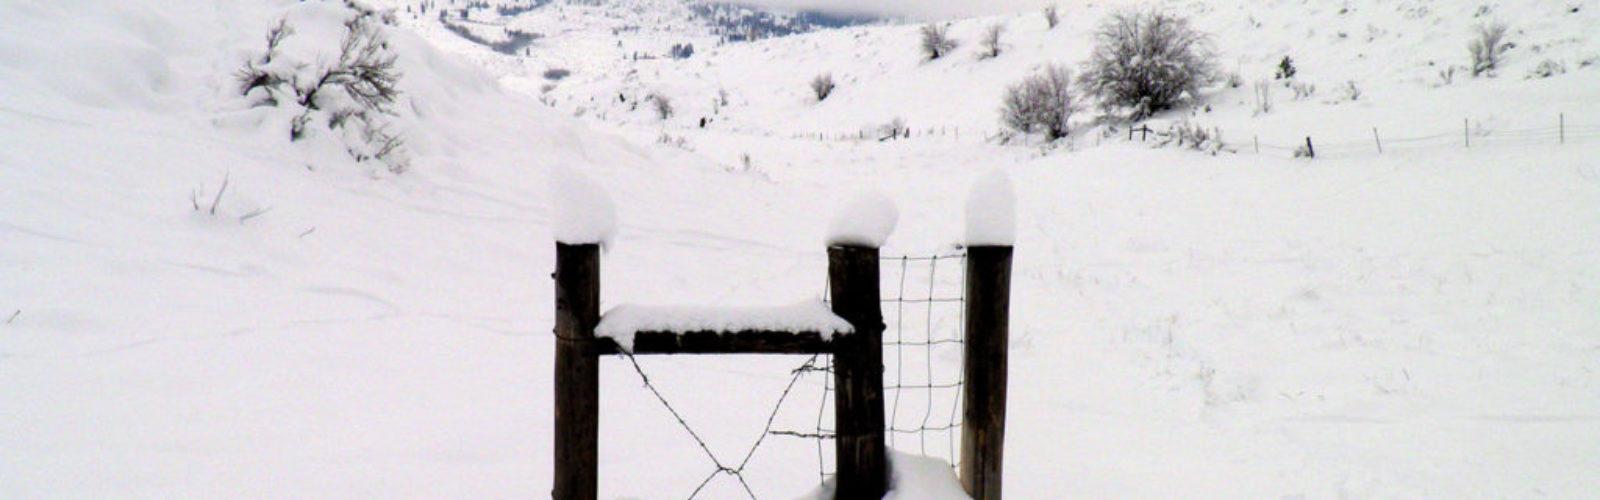 hi-gate-in-snow